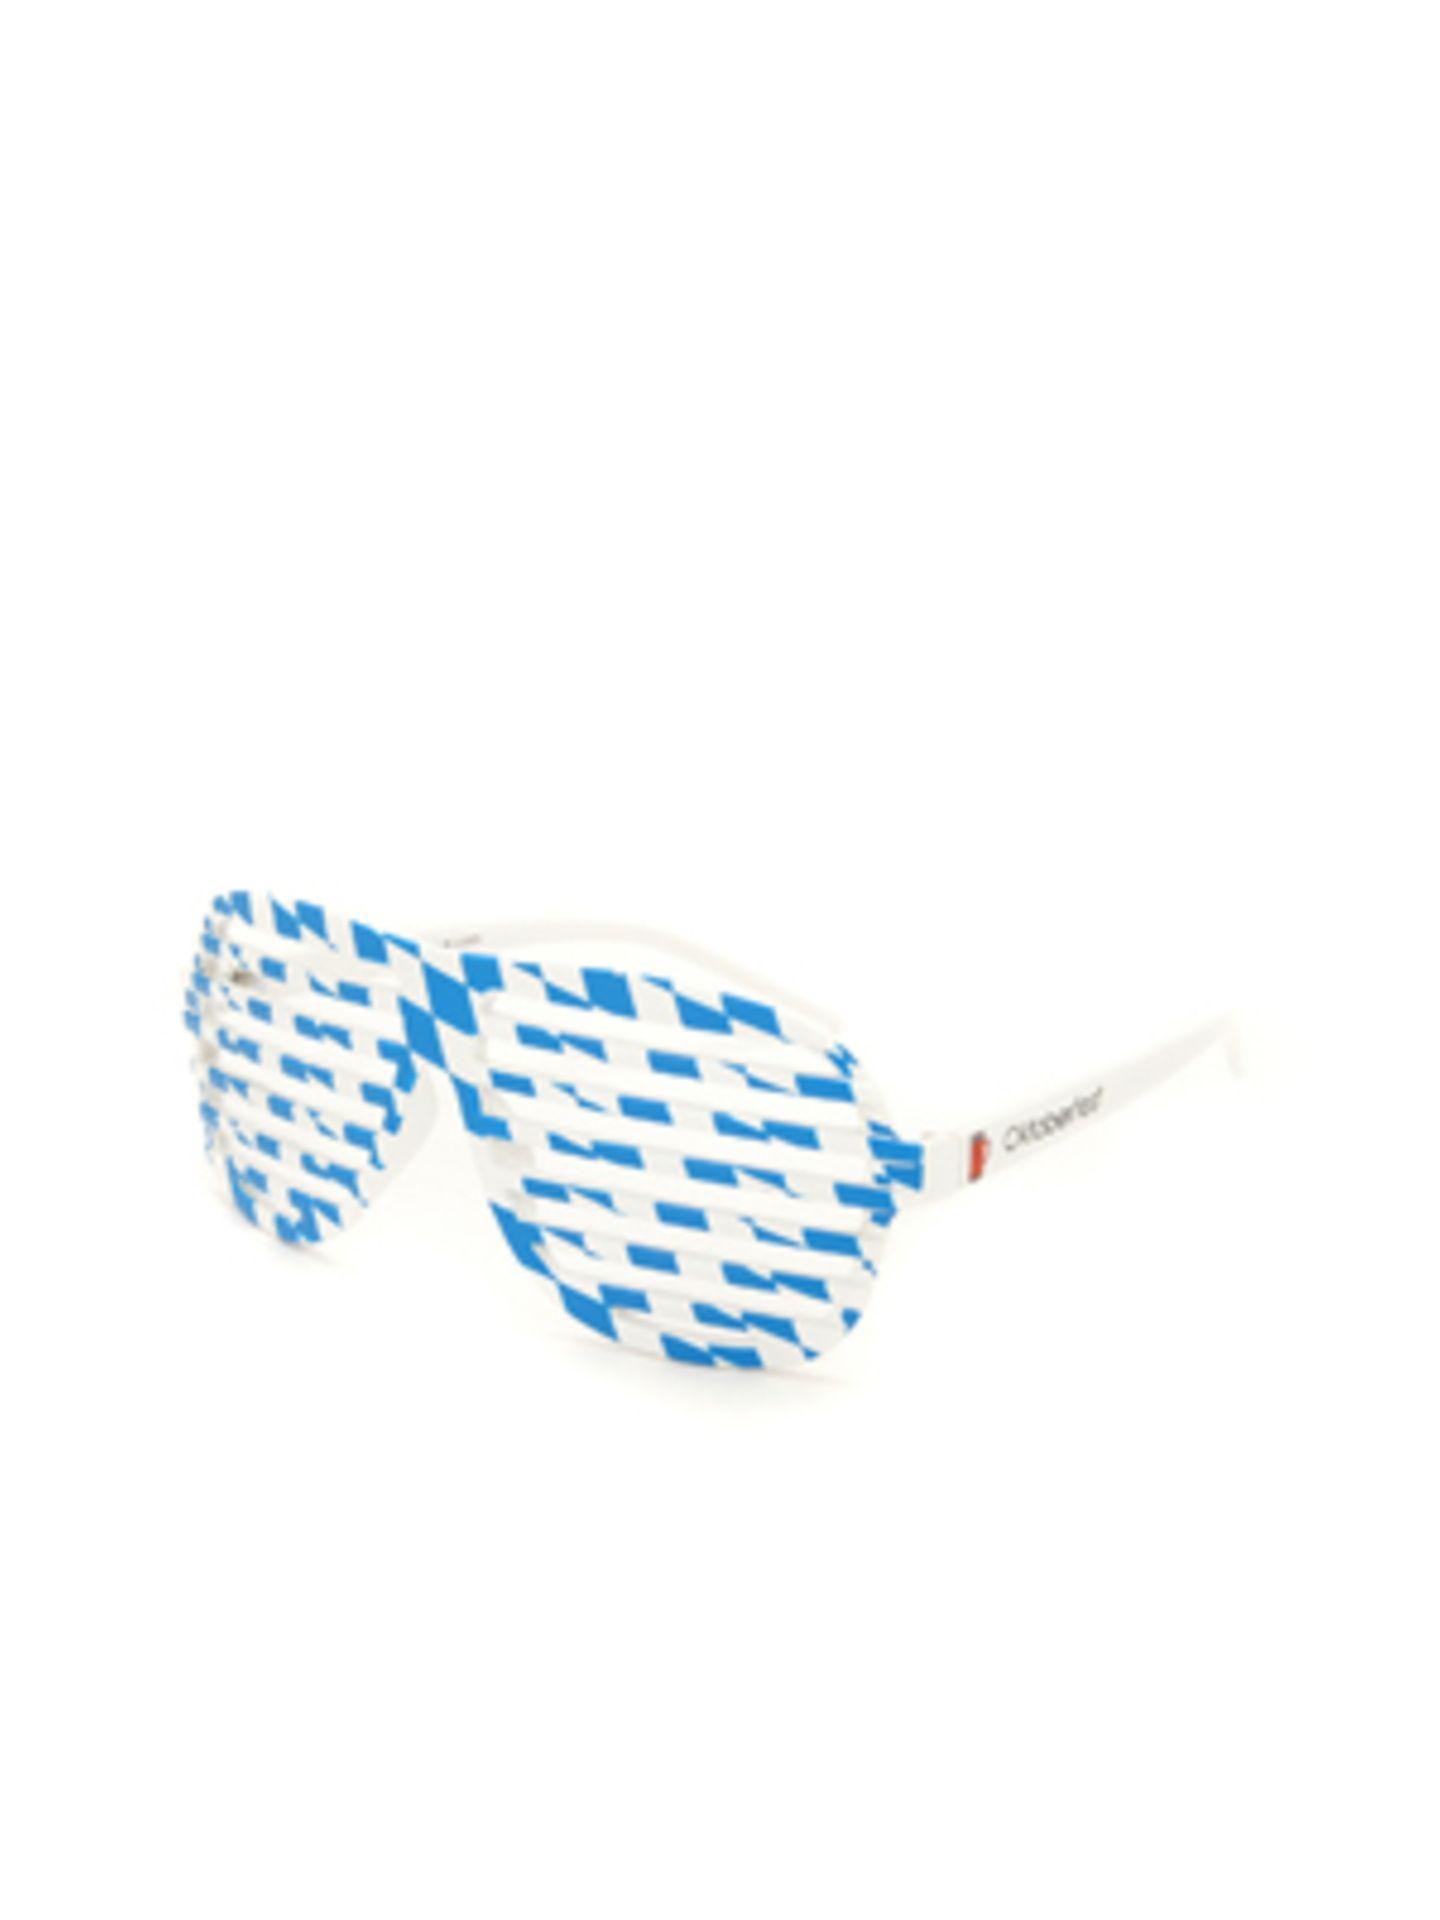 Diese Brille sorgt garantiert für den Durchblick. Na gut, nach mehreren Maß Bier vielleicht nicht mehr so ganz... Rosh Vogue, um 10 Euro.